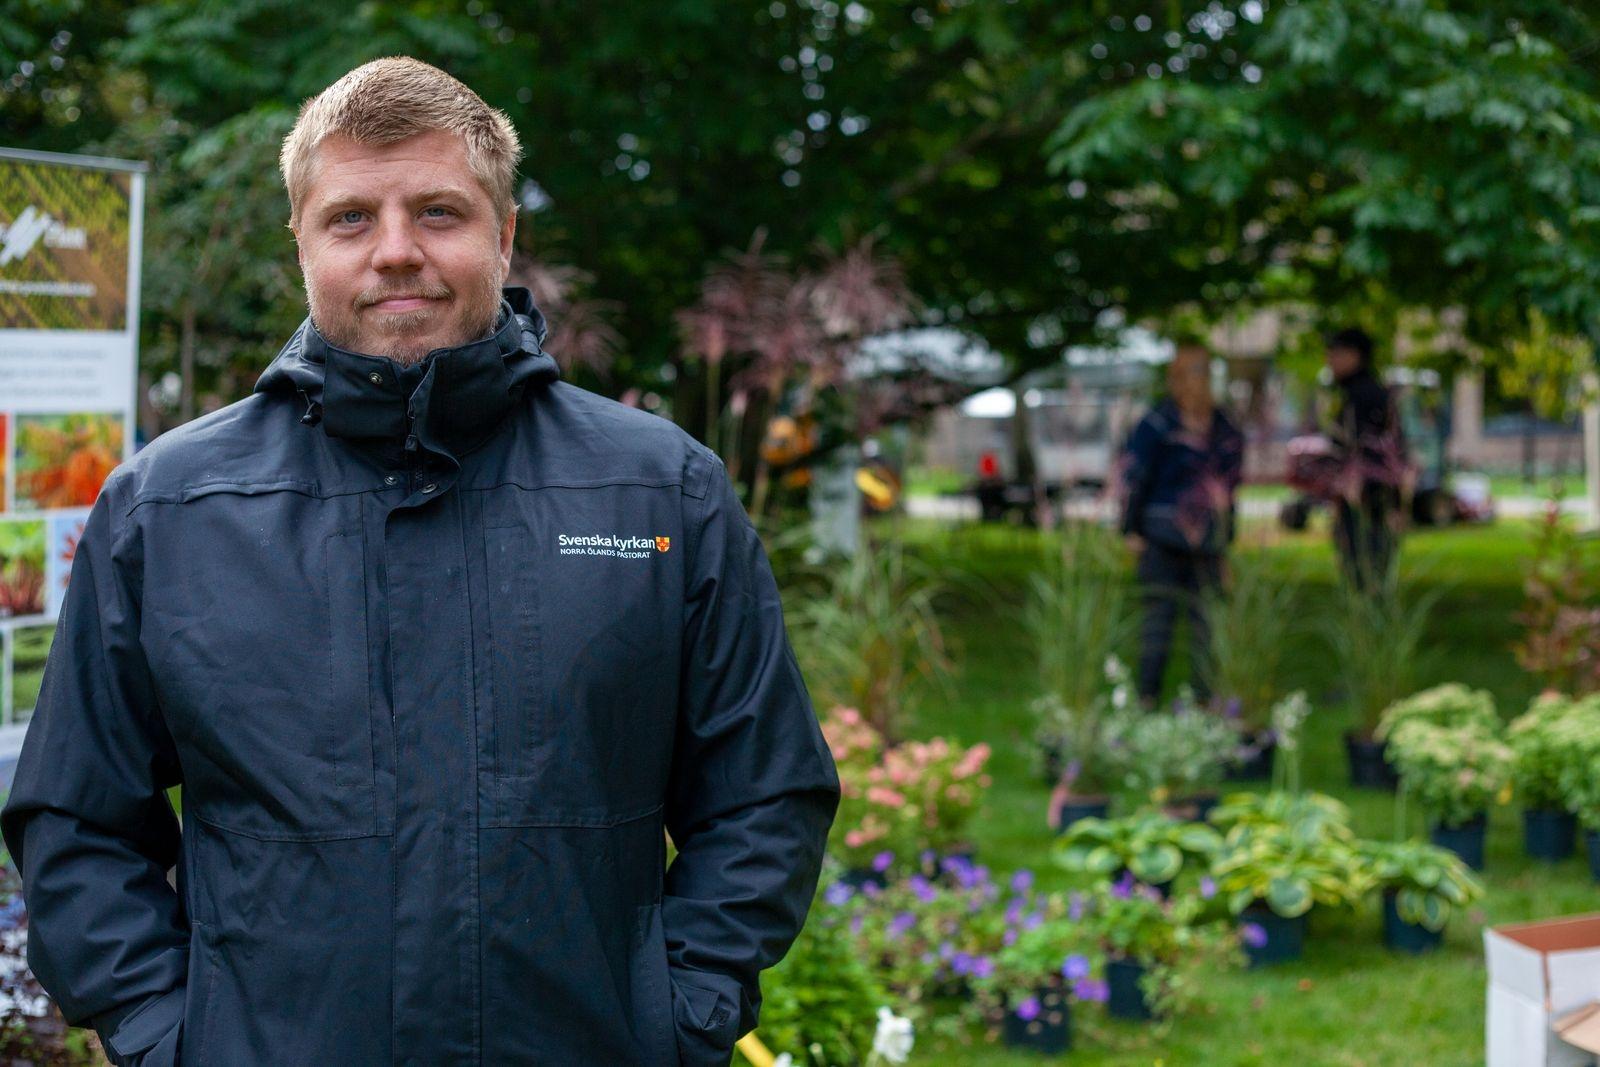 Håkan Jansson flyttade från Stockholm för fem månader sedan och arbetar nu som kyrkogårdsvaktmästare vid Norra Ölands pastorat. Han tycker det är intressant att lära sig mer om produkter som lämpar sig för små kyrkogårdar. – Det finns många roliga saker här. Det är i mina ögon nyttigt att vi på landet ser vad det finns för verktyg vi kan ta hjälp av. Många maskiner är för stora för våra små kyrkogårdar.